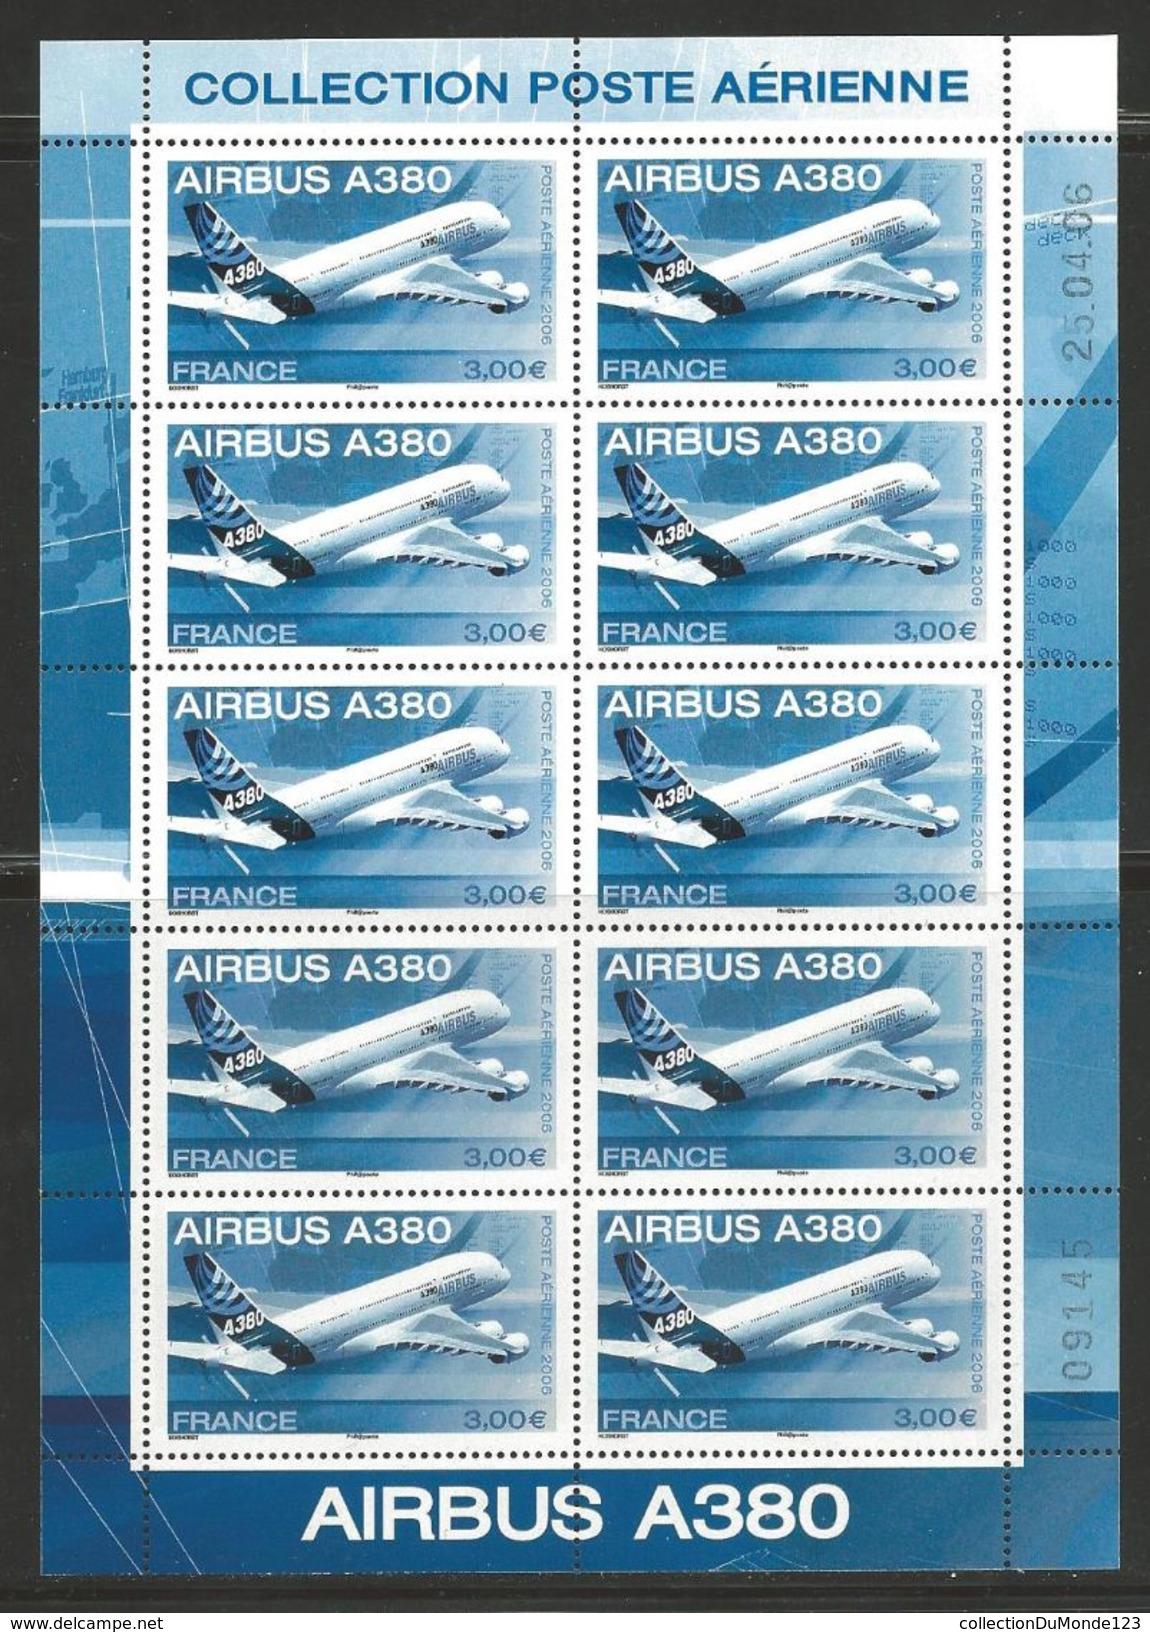 FRANCE 2006 Timbre Aérien 69, Bloc De 10 -- AVION AIRBUS A380, AERIENNE, NEUF AIRMAIL - Poste Aérienne